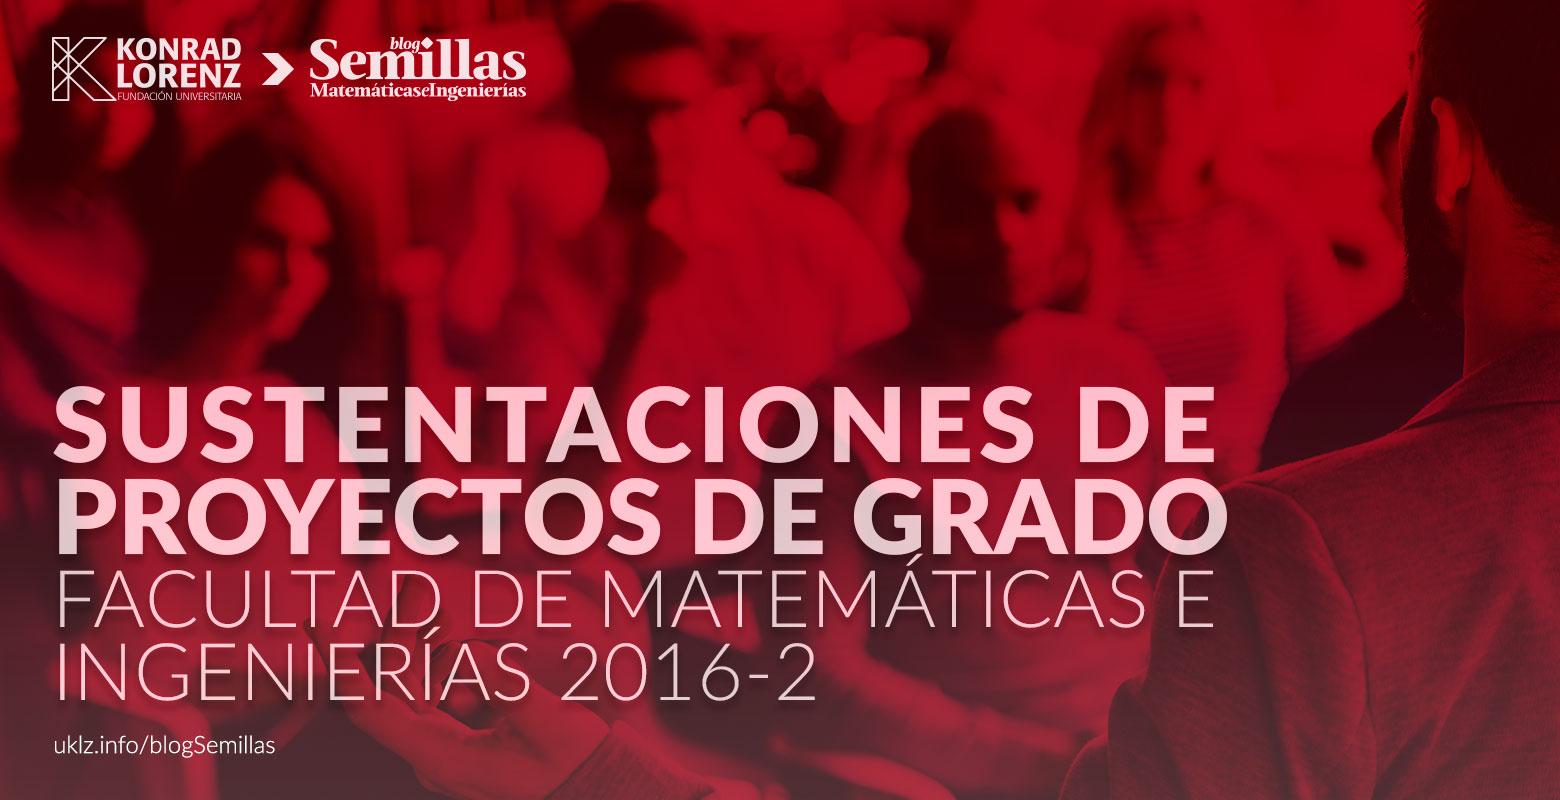 Sustentaciones de Proyectos de Grado de la Facultad de Matemáticas e Ingenierías 2016-2